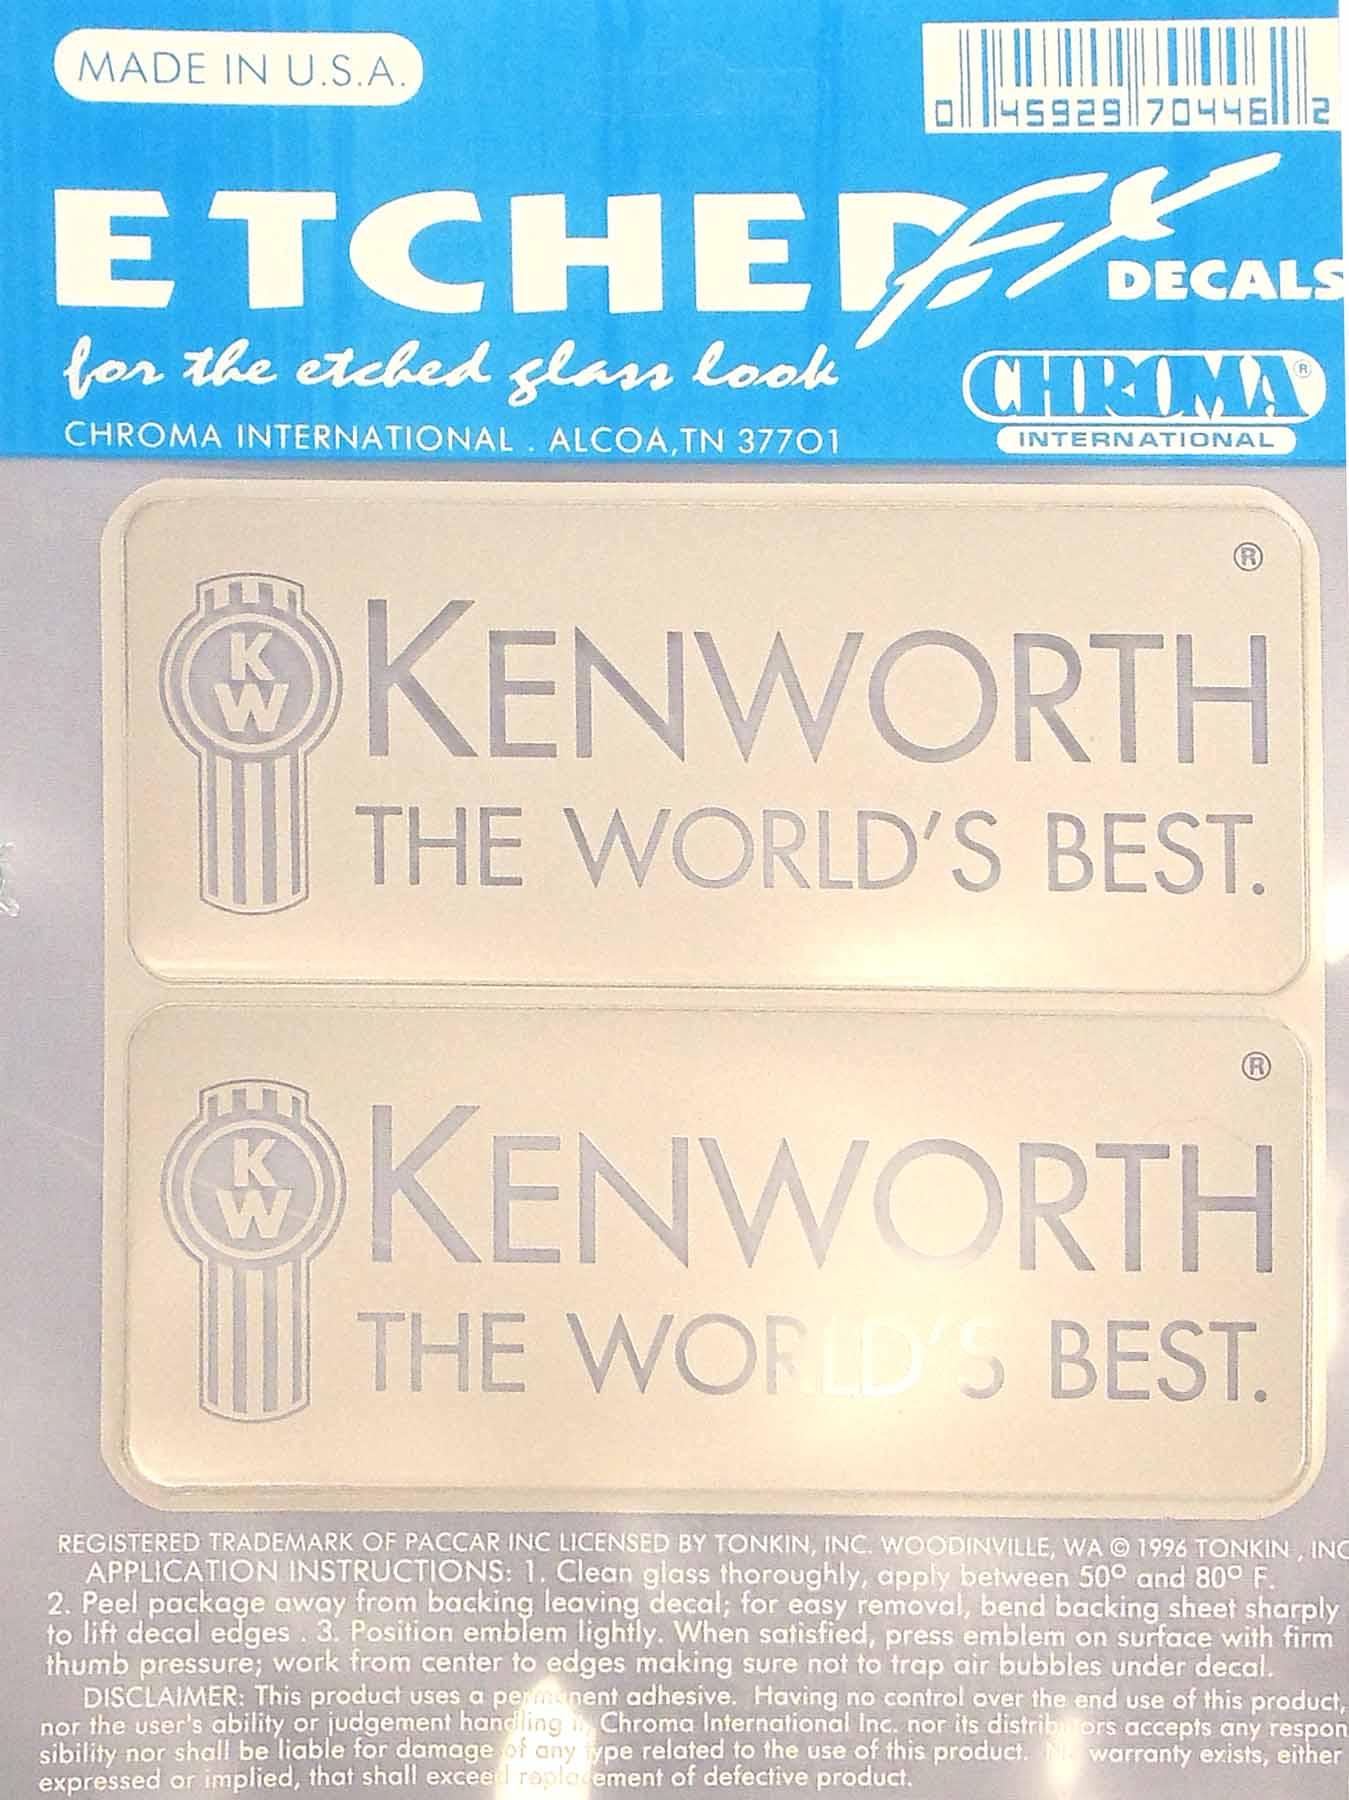 04570446 - Etched Fx Kenworth